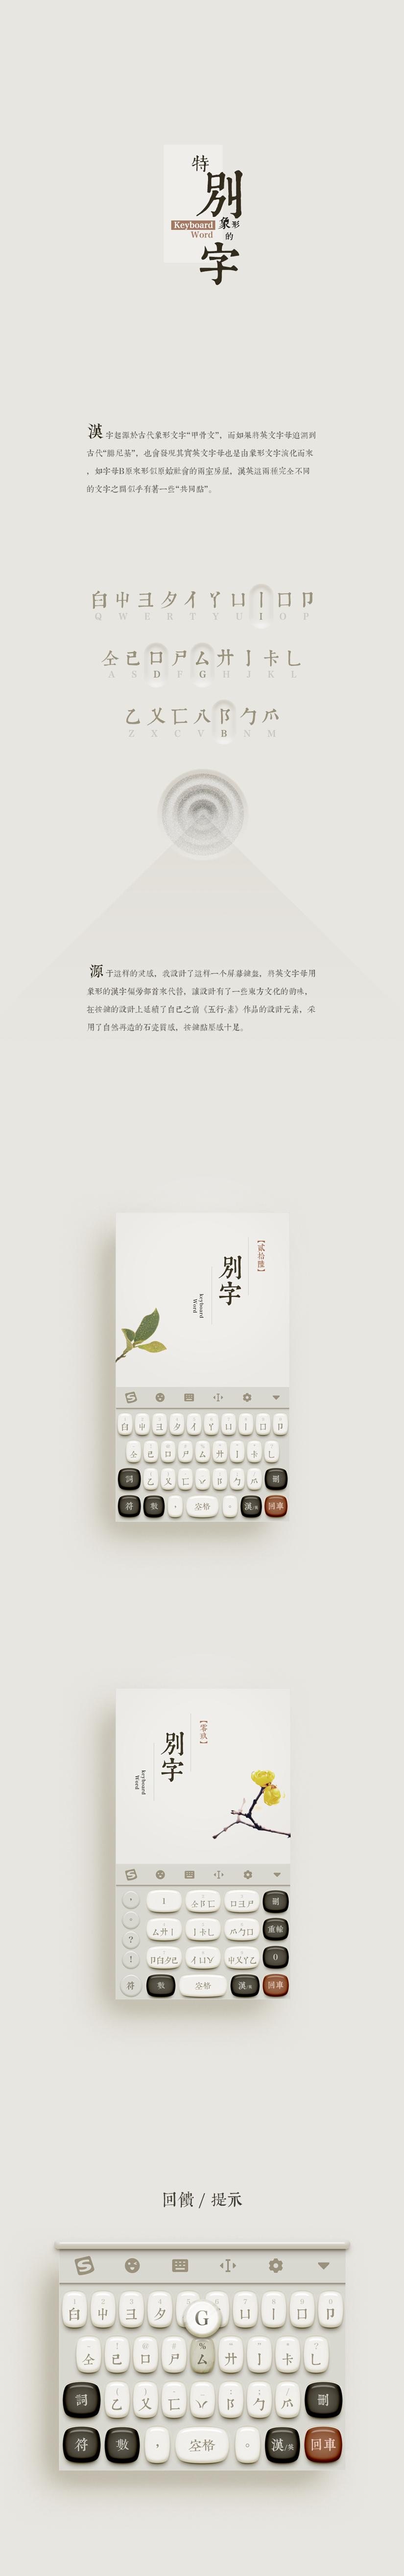 查看《别字 - 输入法主题设计》原图,原图尺寸:825x5264